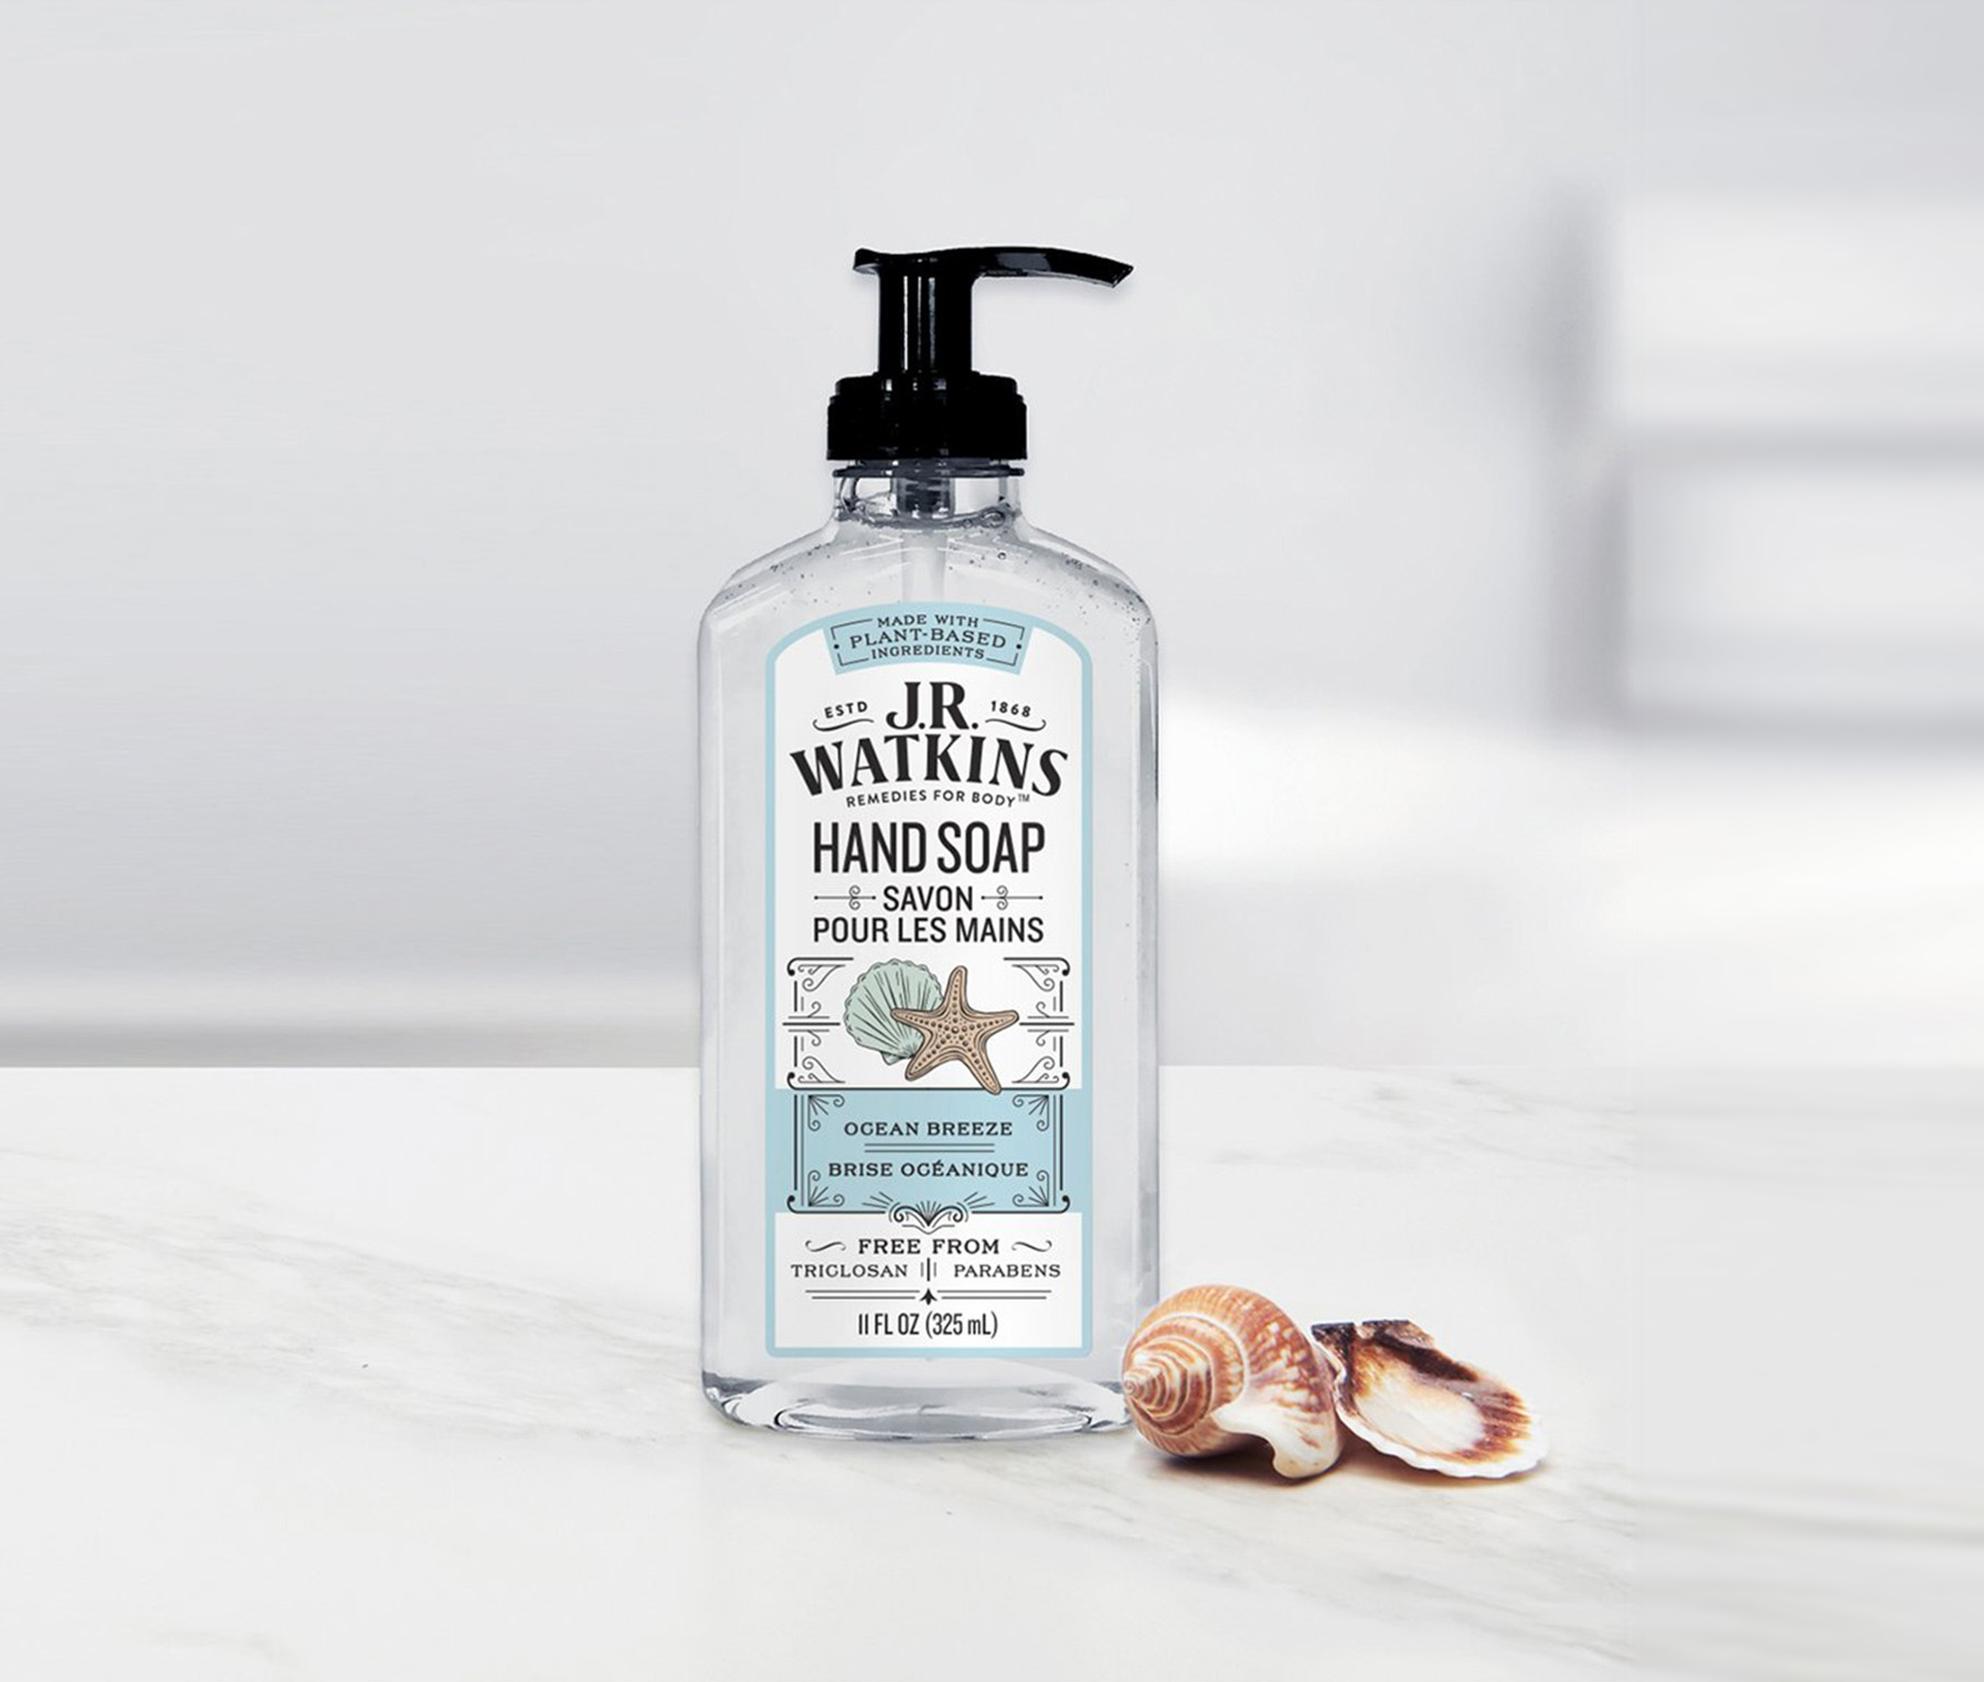 優しい香りで手洗いが楽しくなる